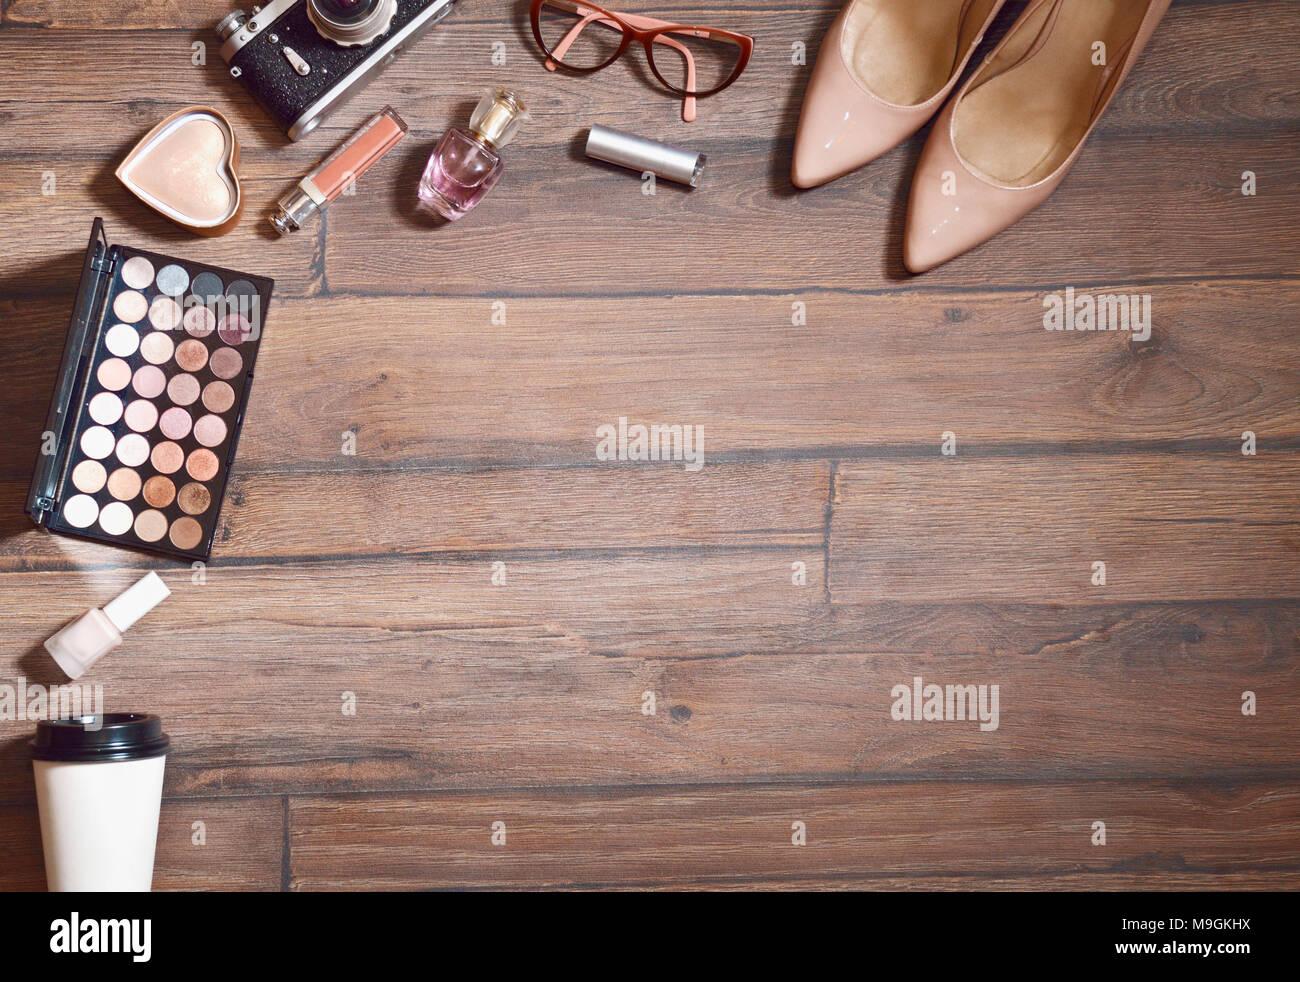 Moda trucco cosmetici Set. Donna Accessori bellezza Set. Essentials. Design di moda. Spazzole di rossetto ombretto, Fashion Glamour argento elegante Clutc Foto Stock